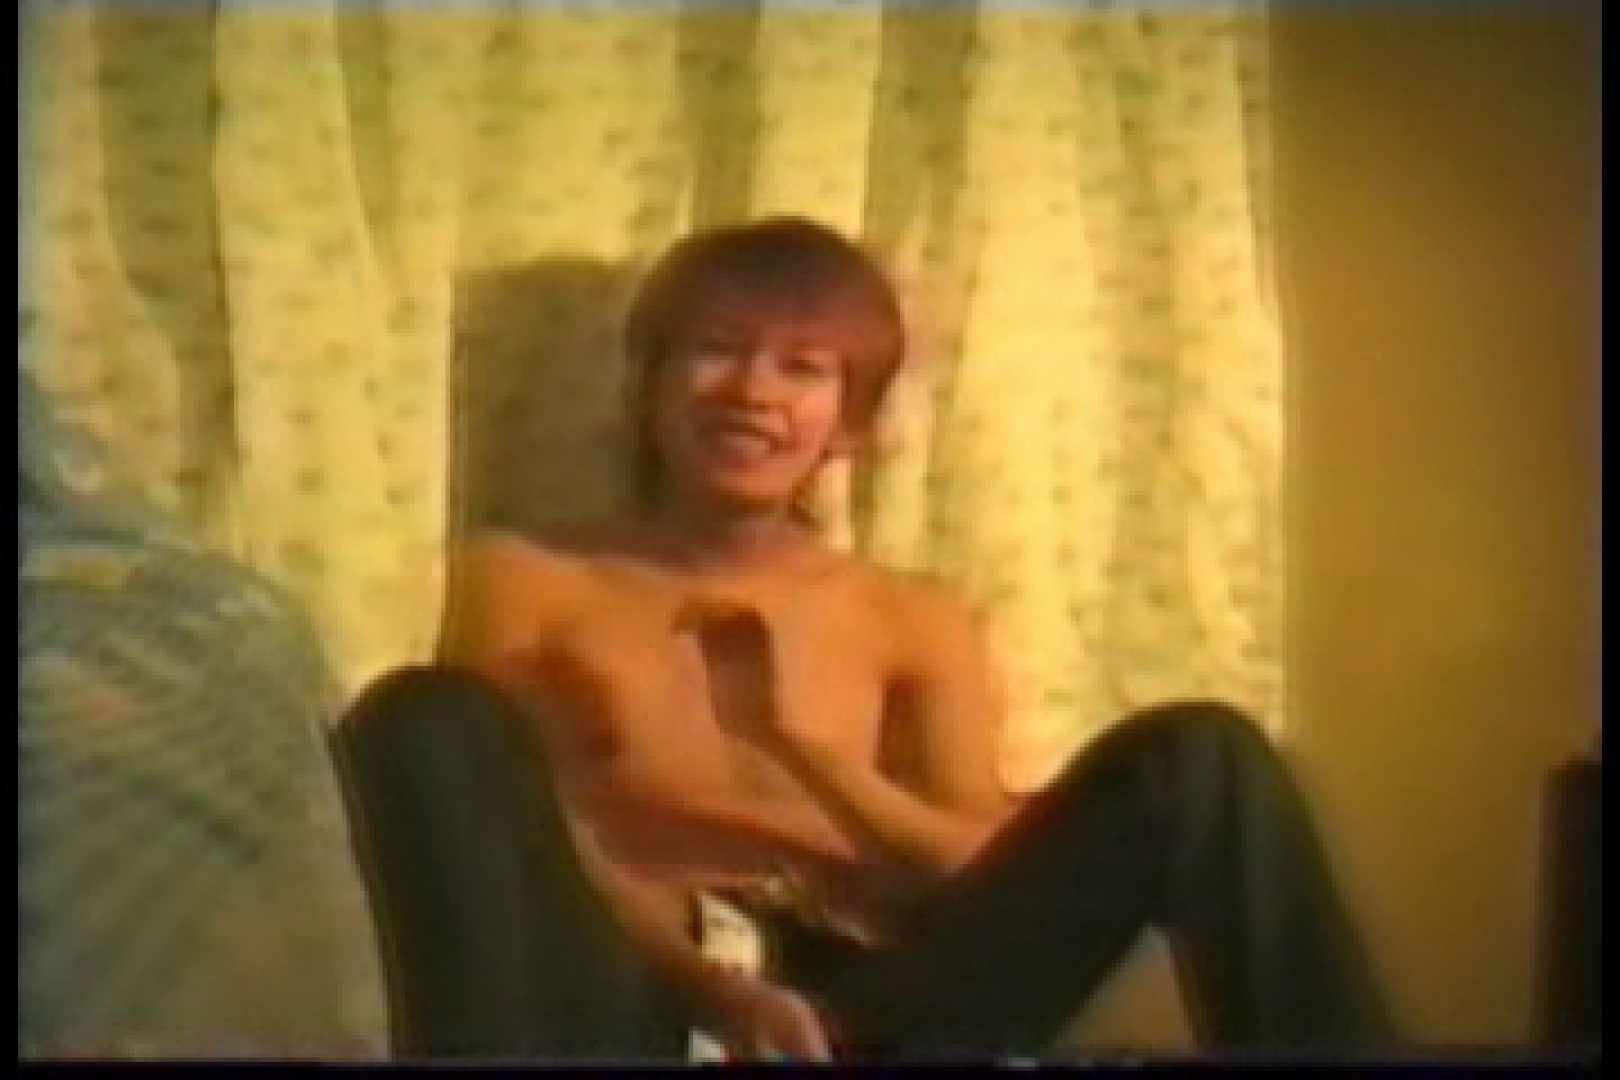 【投稿】ほら!カメラの前でオナニーしてごらん オナニー ゲイエロ動画 60pic 2